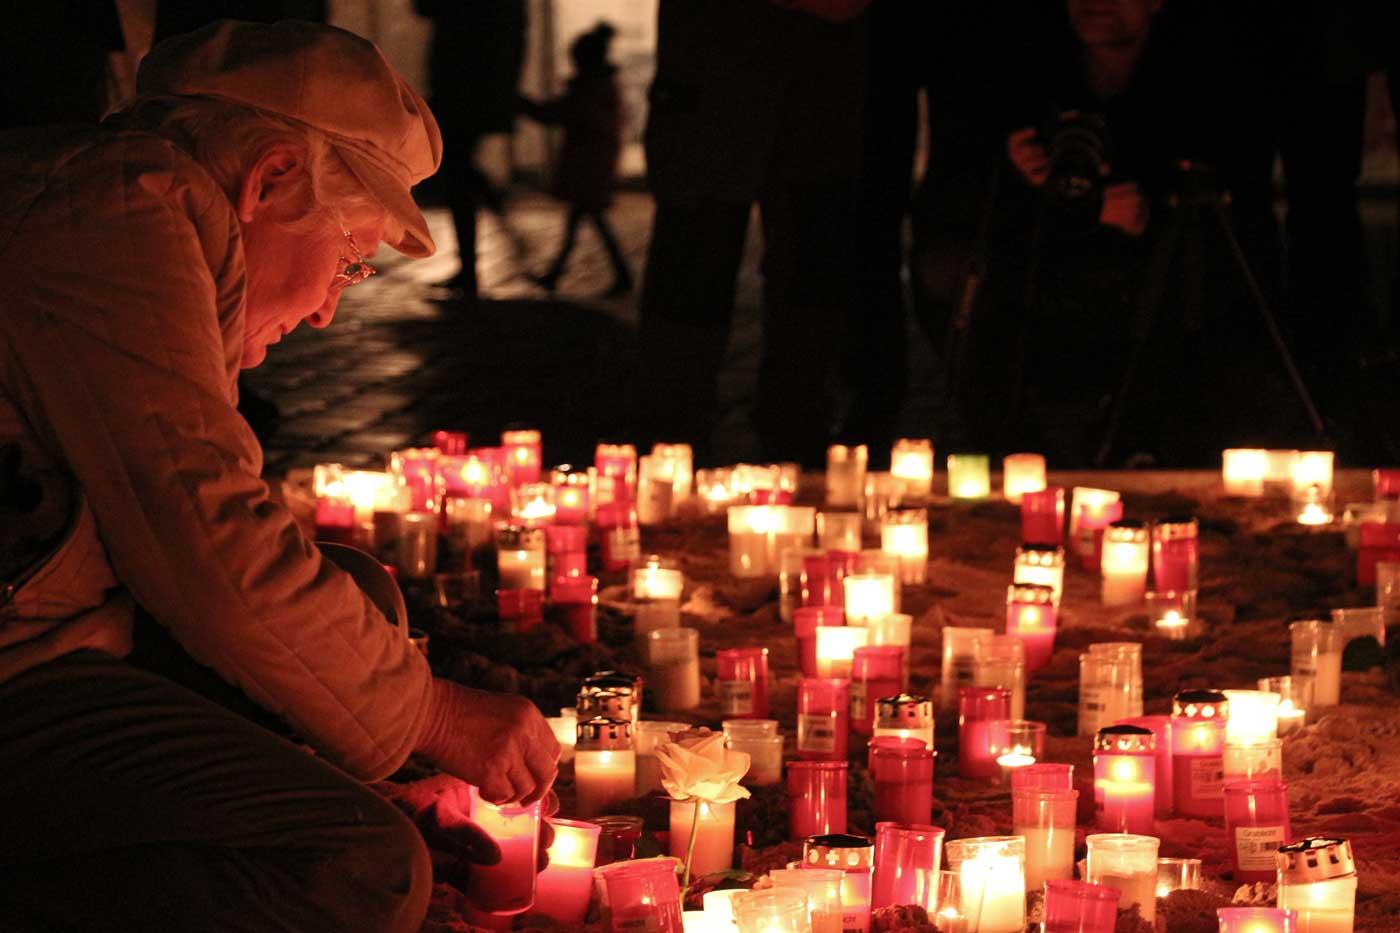 Eine ältere Frau legt zum Gedenken vor der Frauenkirche Blumen nieder und zündet eine Kerze an. Sie erinnert damit an die Zerstörung der Stadt am 13. Februar 1945.